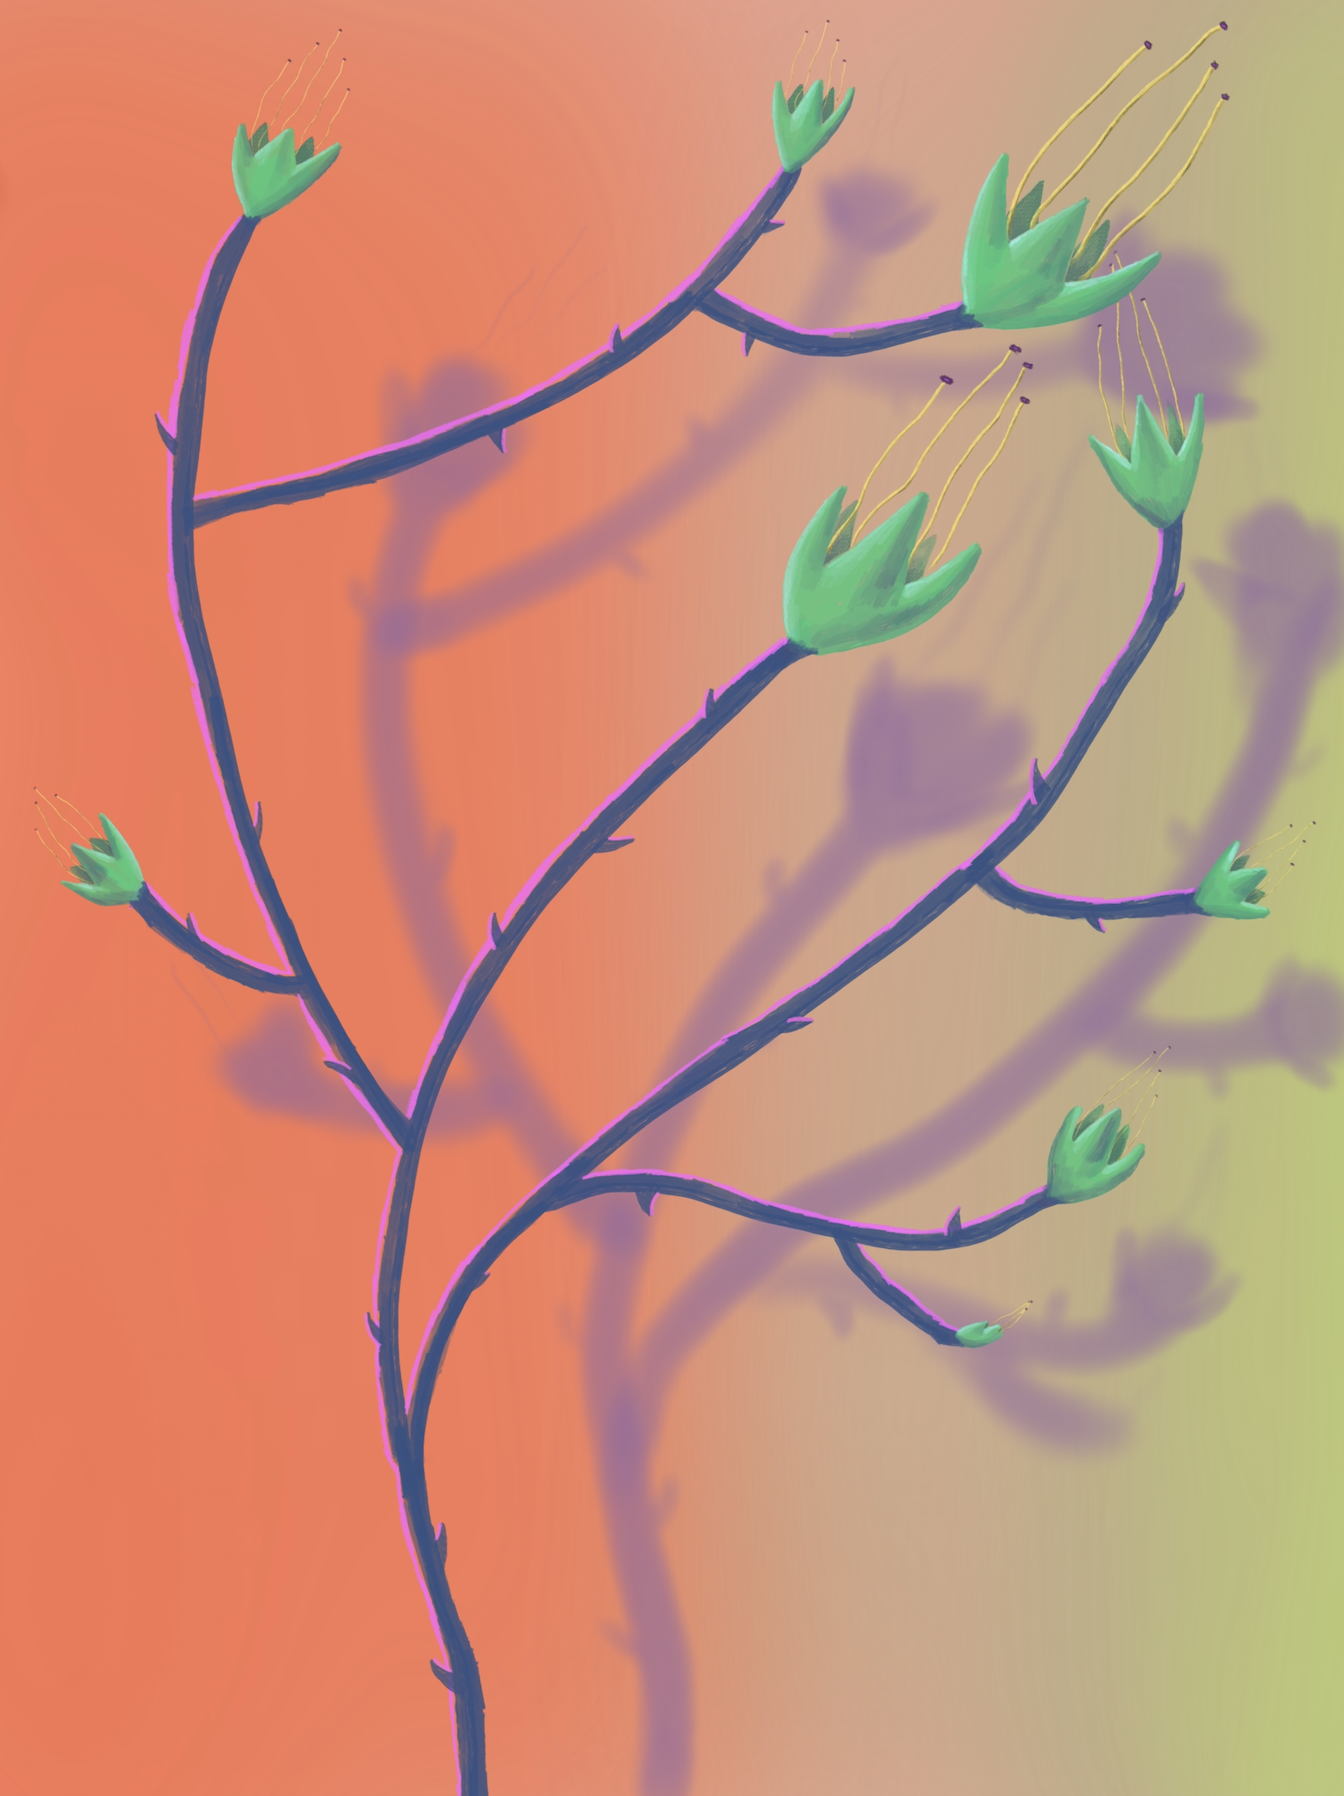 fleurs 4, acrylic on canvas, 45x60cm